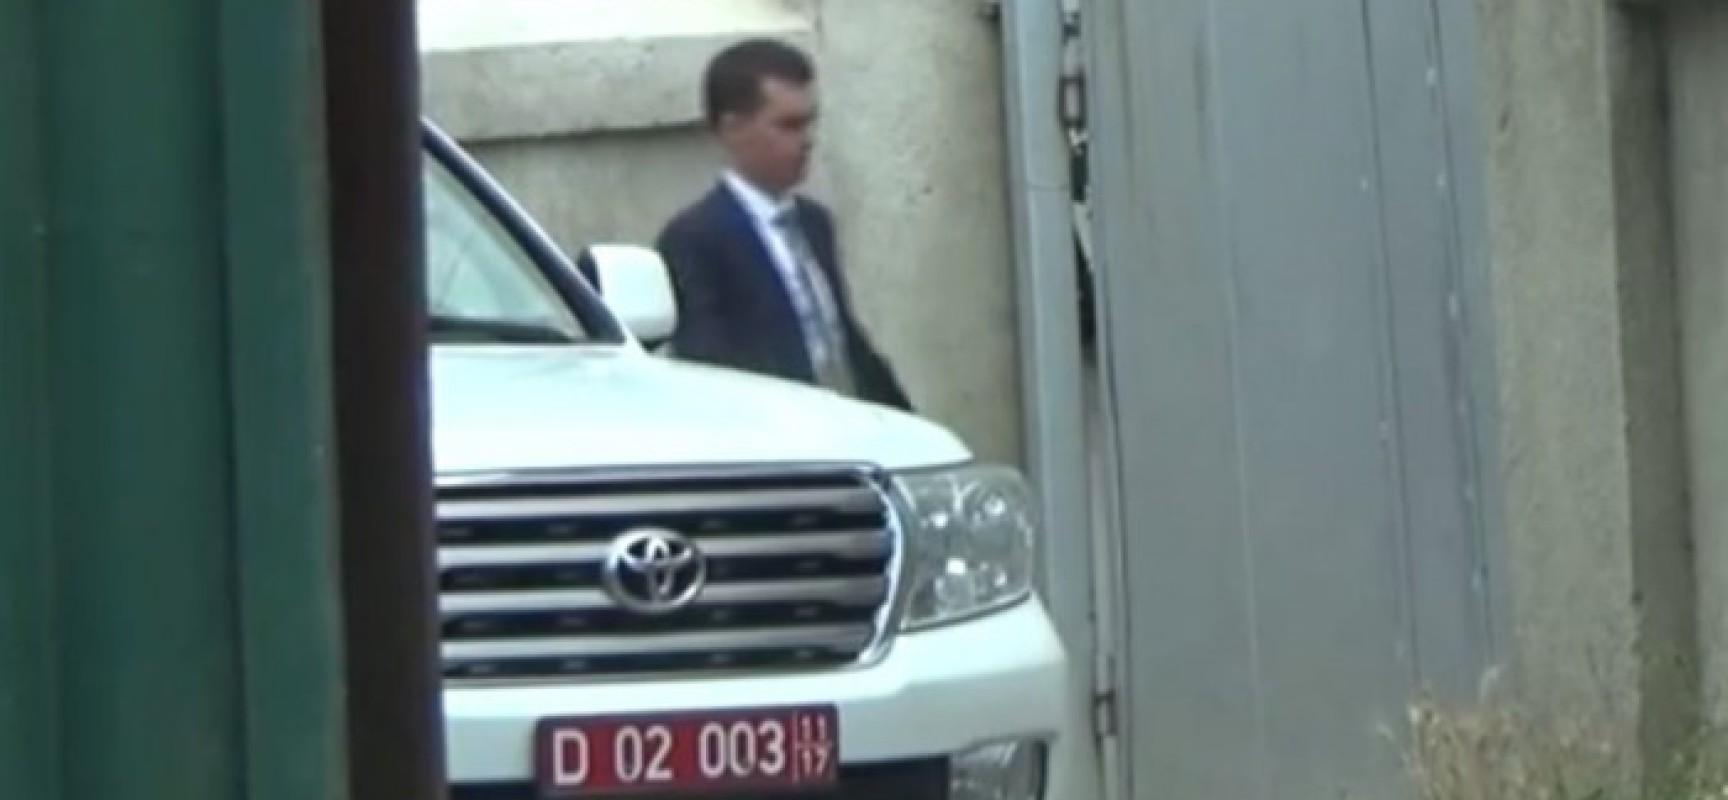 L'ambassadeur américain au Kirghizistan piégé par une caméra vidéo